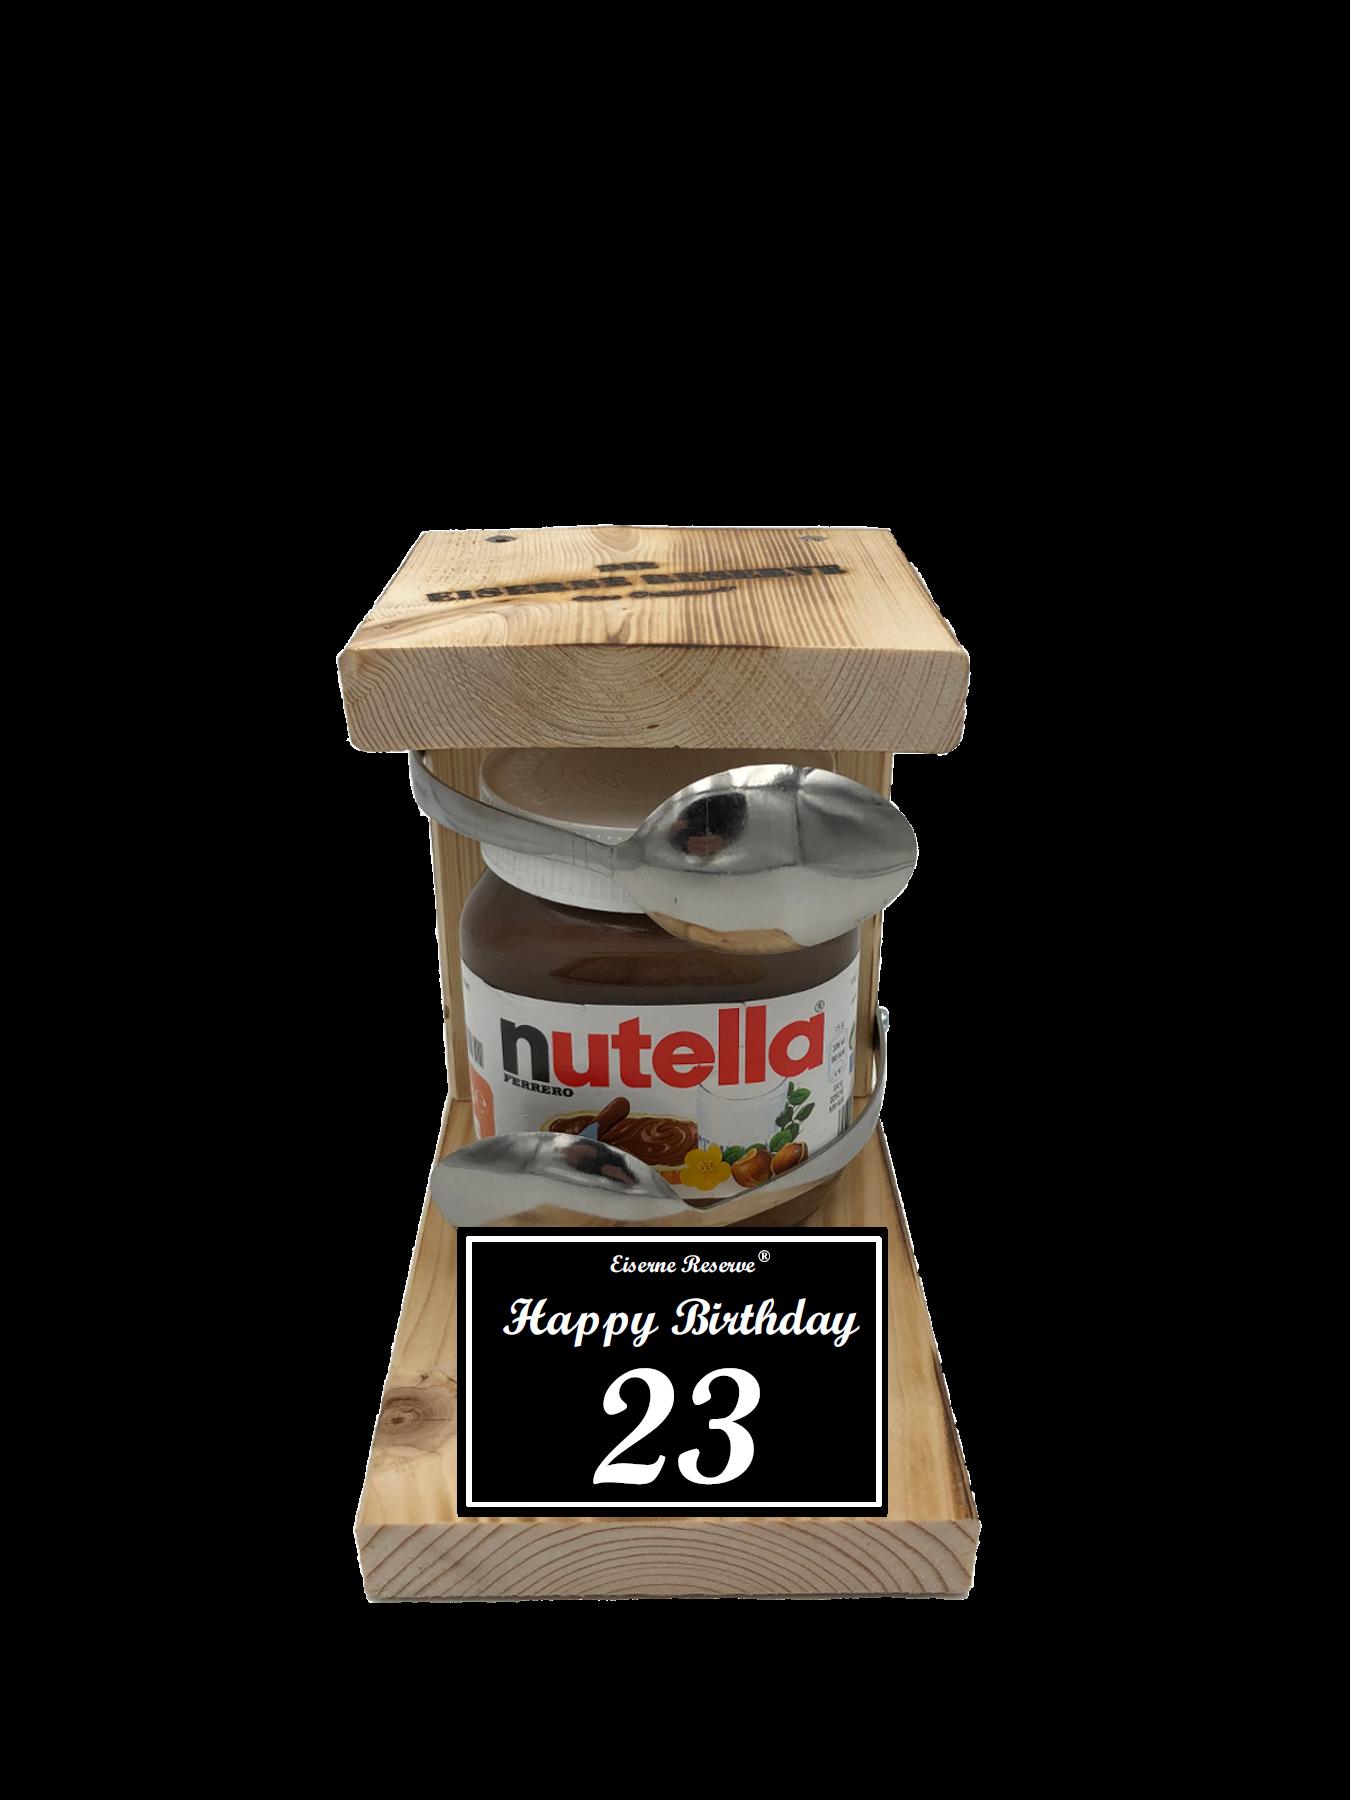 23 Happy Birthday Löffel Nutella Geschenk - Die Nutella Geschenkidee